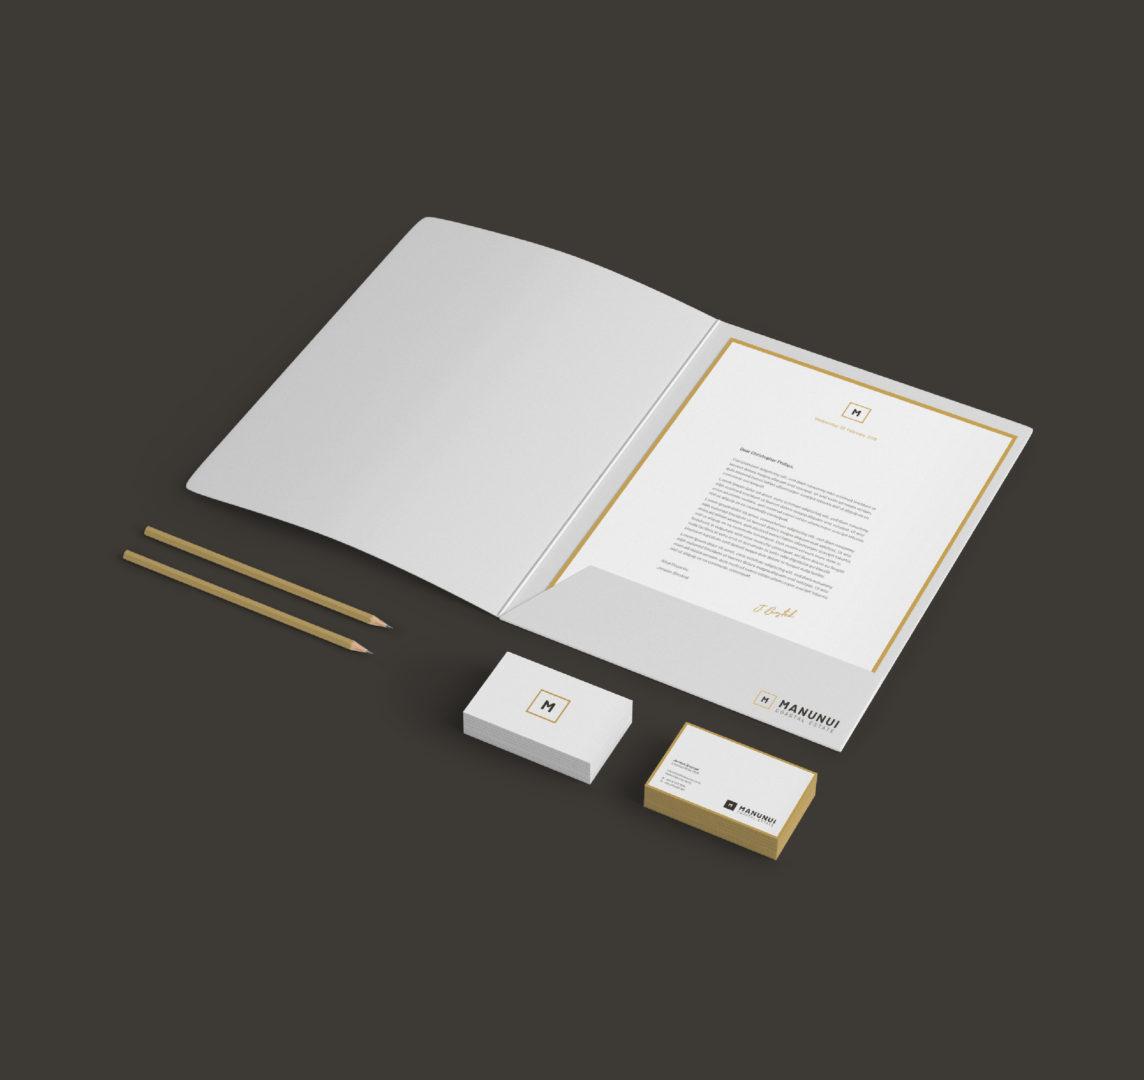 Manunui letter business cards pencil folder